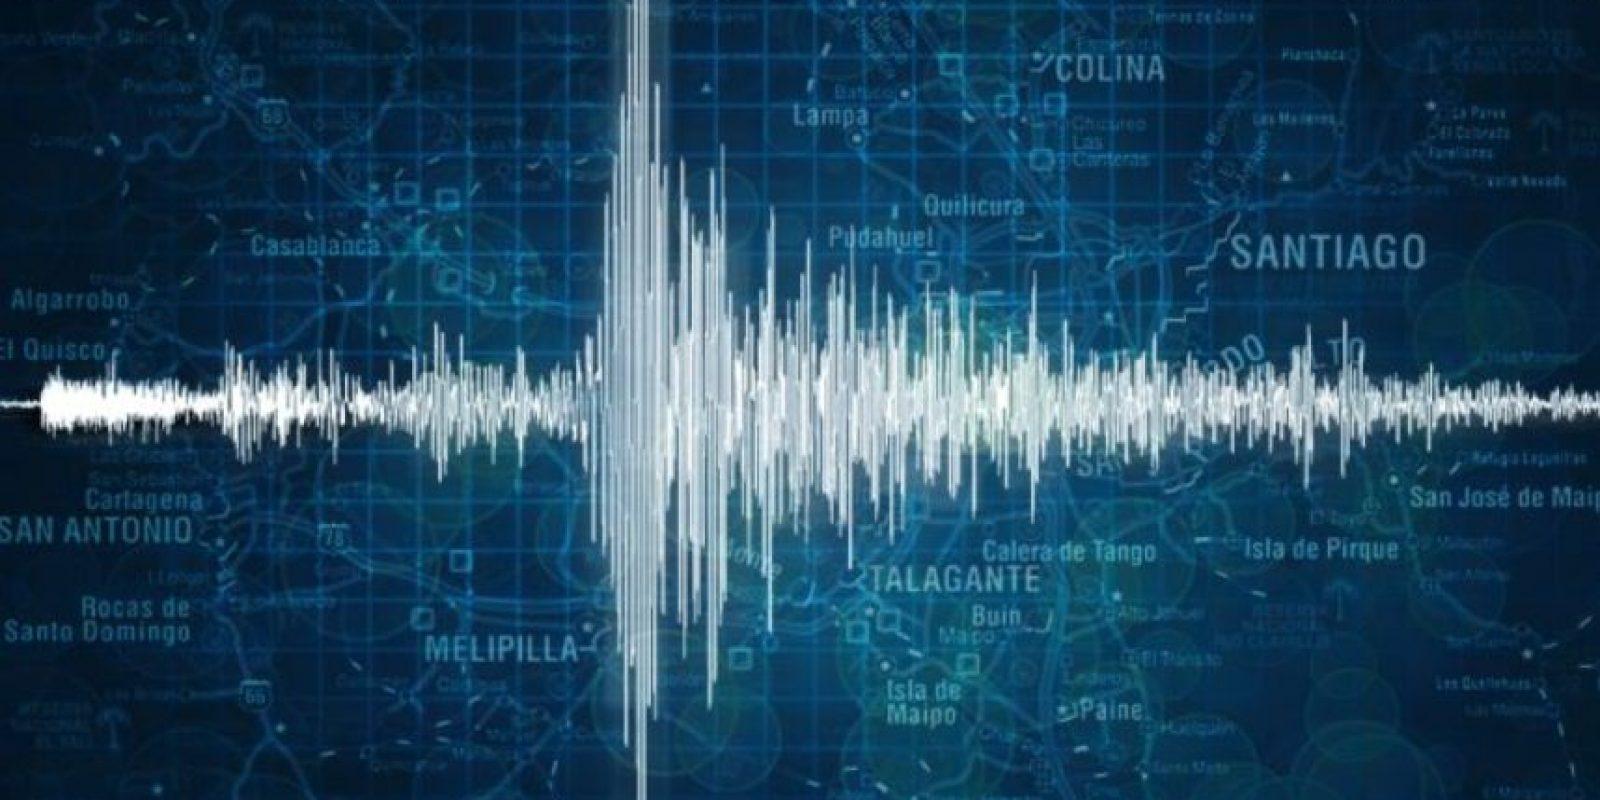 Ante esto se activó la alerta de tsunami en toda la zona costera del país sudamericano. Foto:vía Publimetro Chile